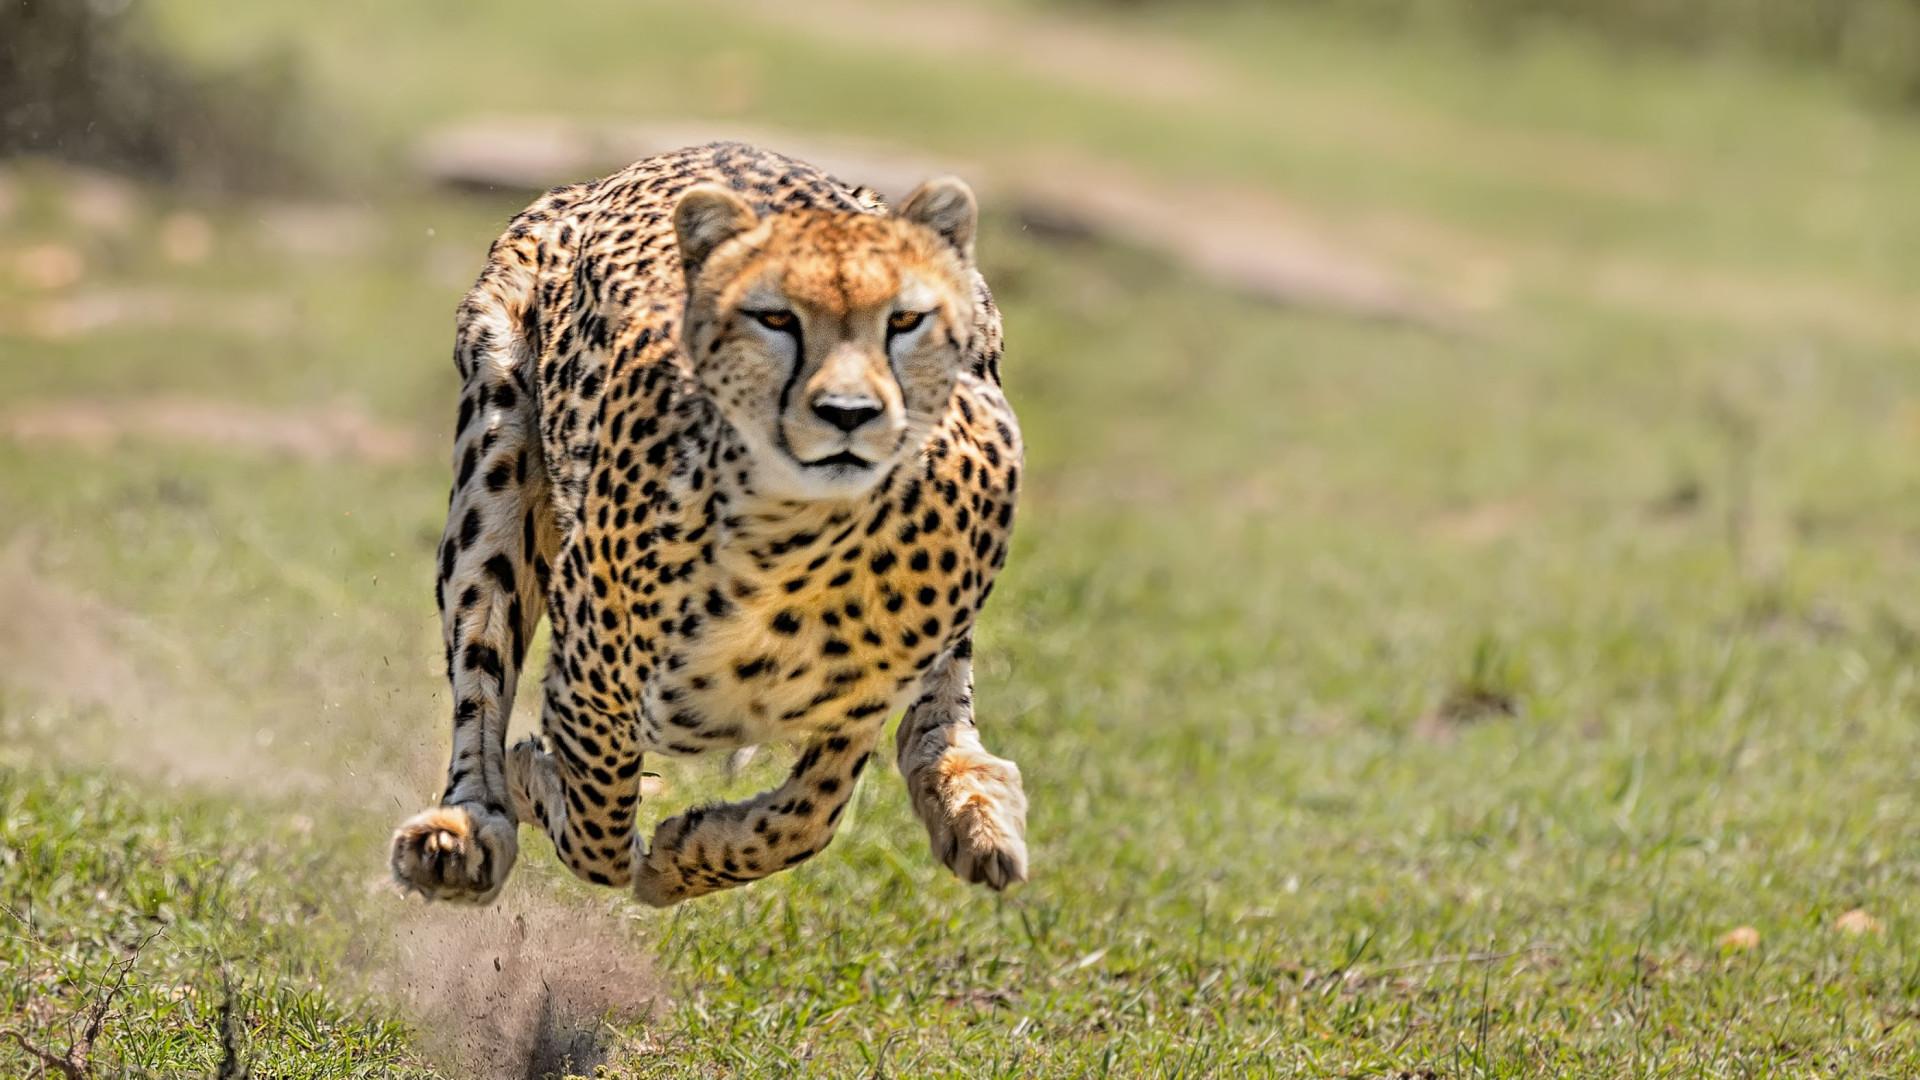 Notcias ao minuto sabia que a chita o animal mais rpido do mundo sabia que a chita o animal mais rpido do mundo altavistaventures Images